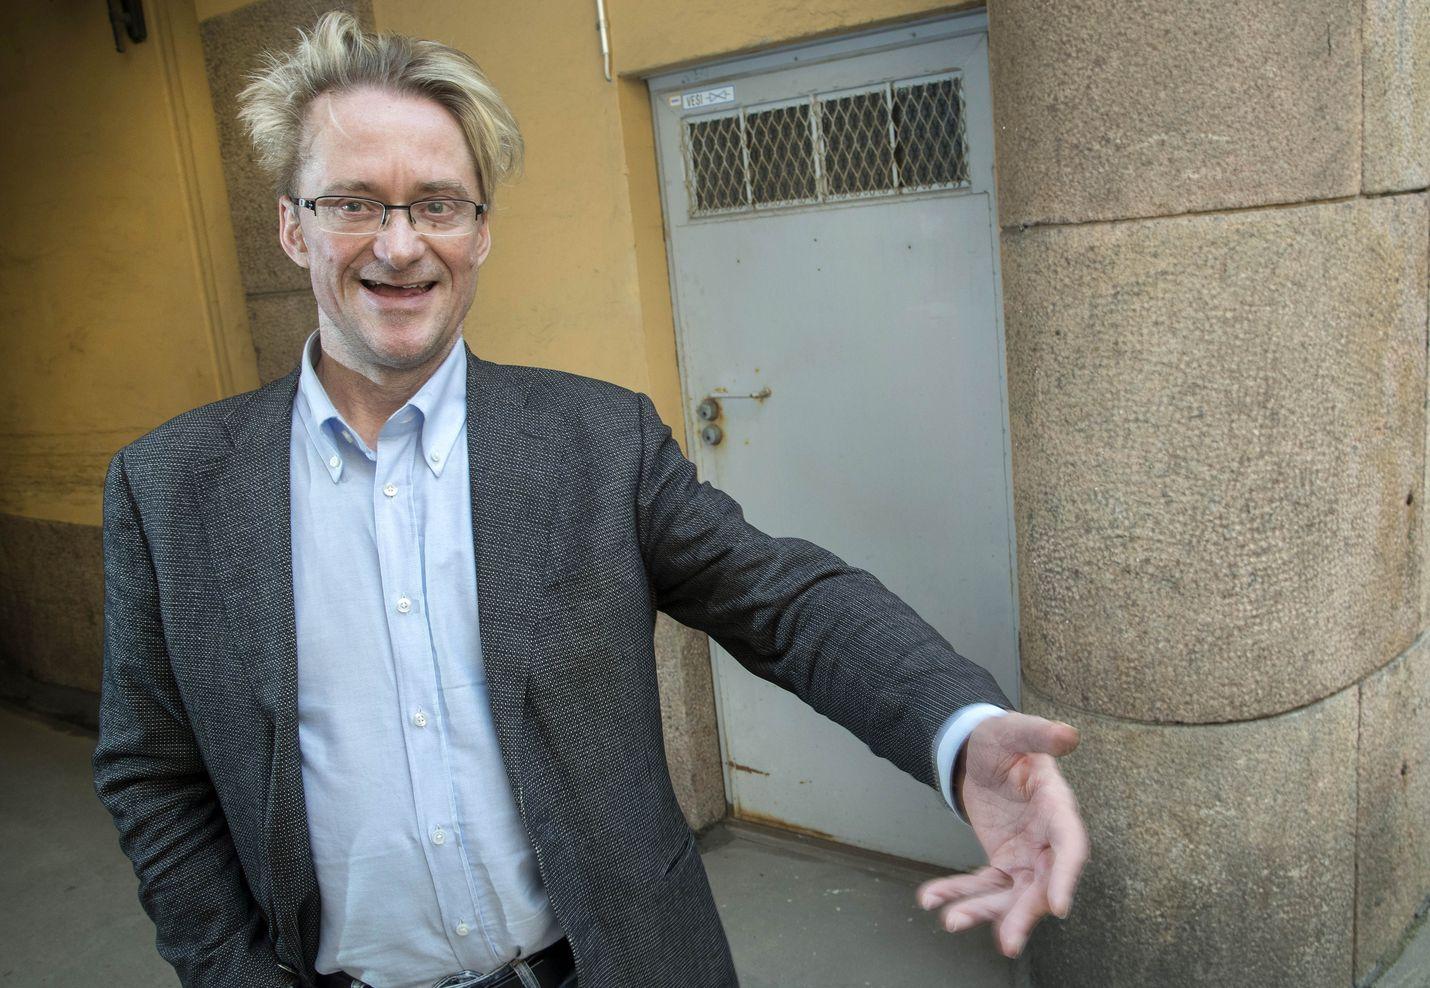 Viestintätoimisto Kreabin toimitusjohtaja Mikael Jungner neuvoo poliitikkoja pyrkimään aitouteen. Teeskentely ei kanna pitkälle, mutta esiintymistä kannattaa harjoitella.